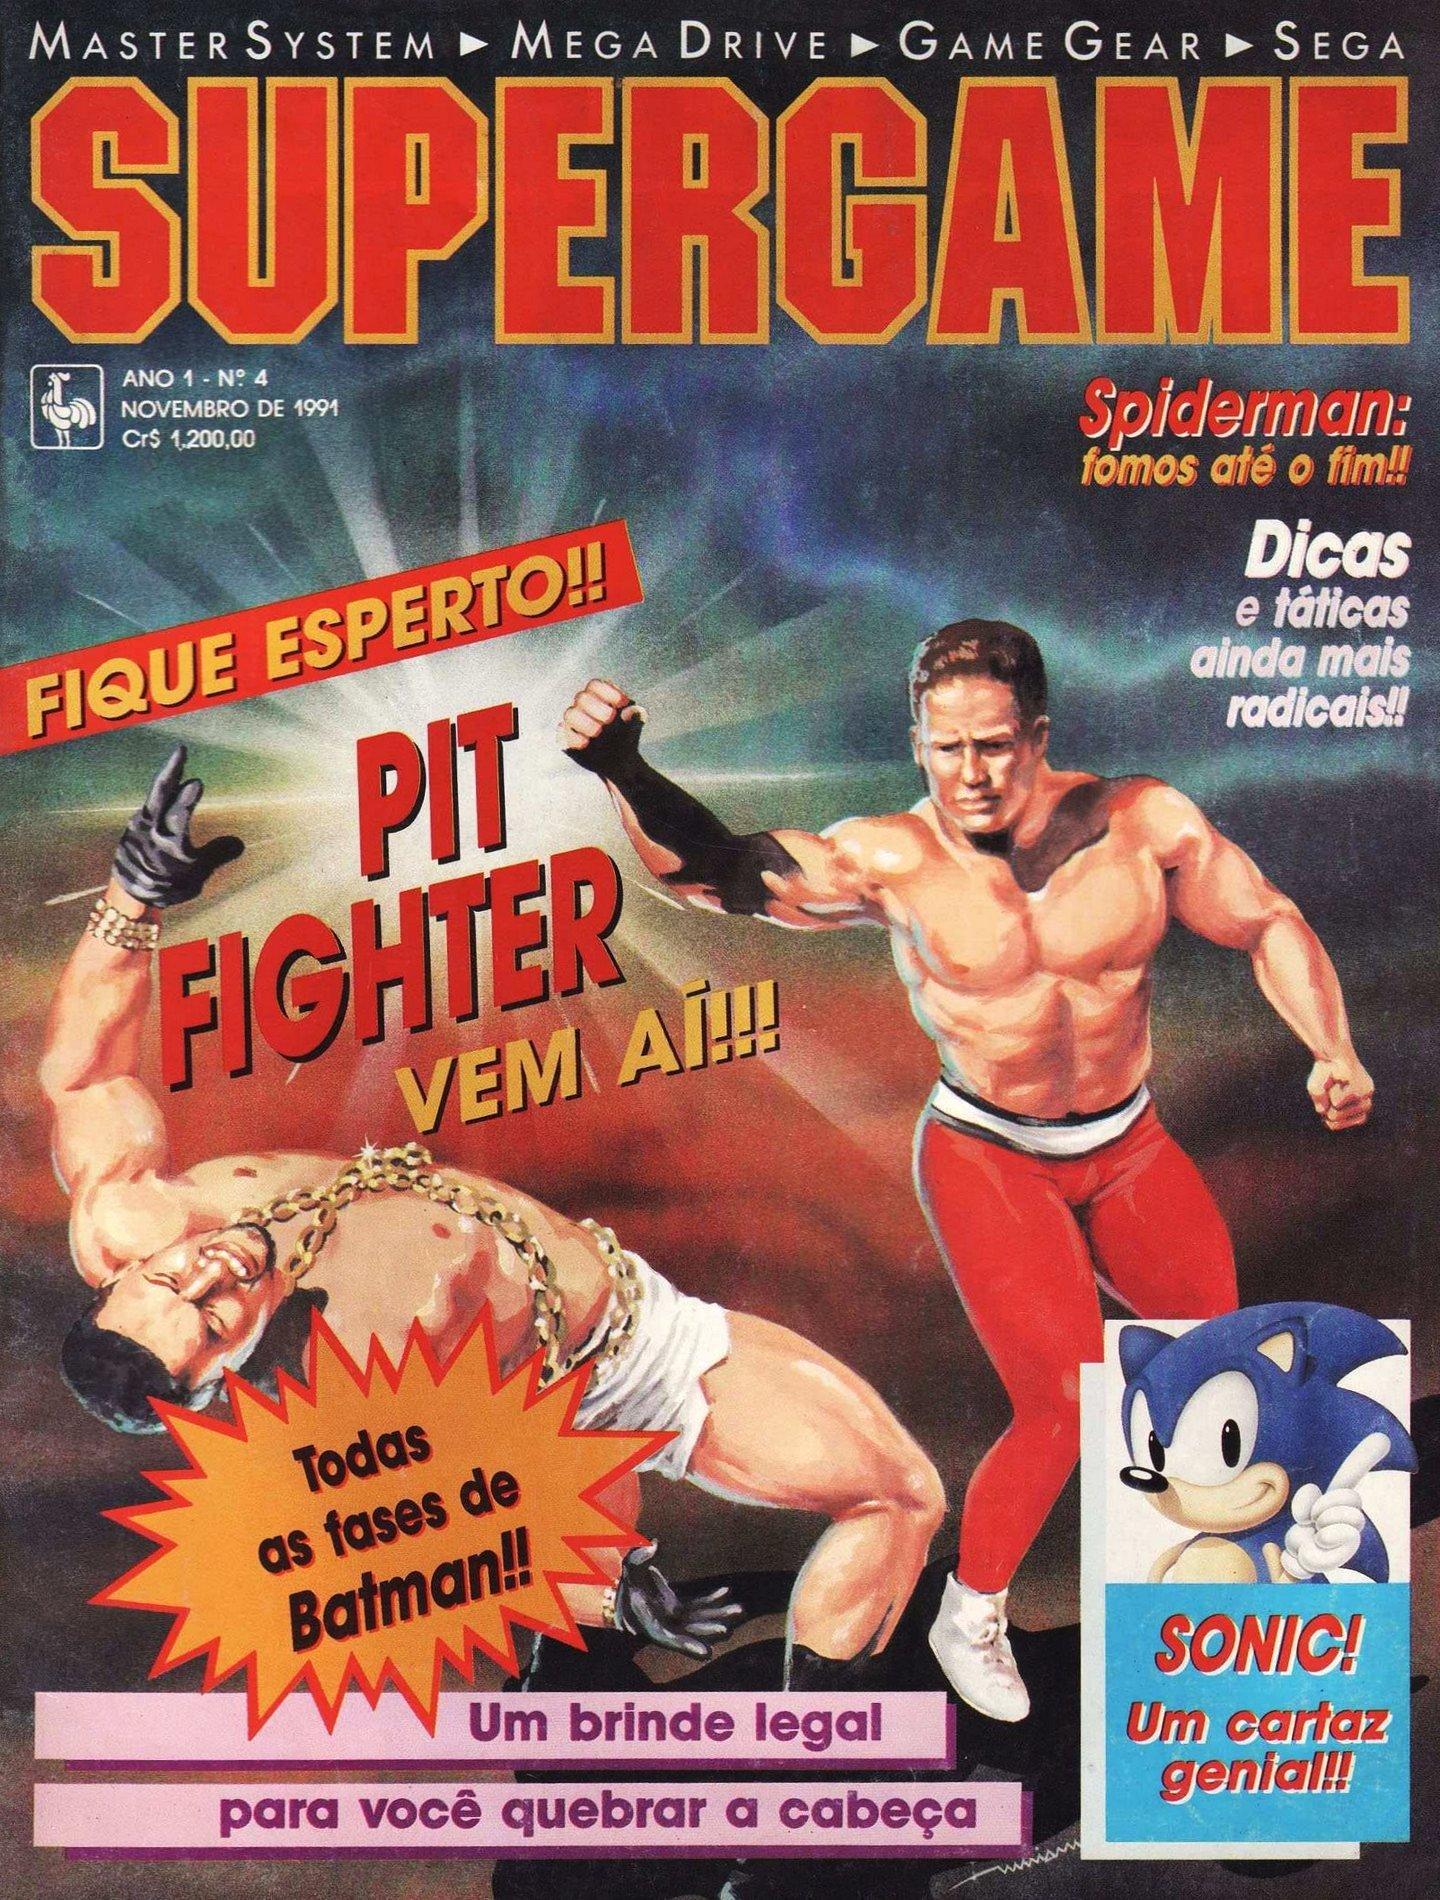 SuperGame 04 (November 1991)